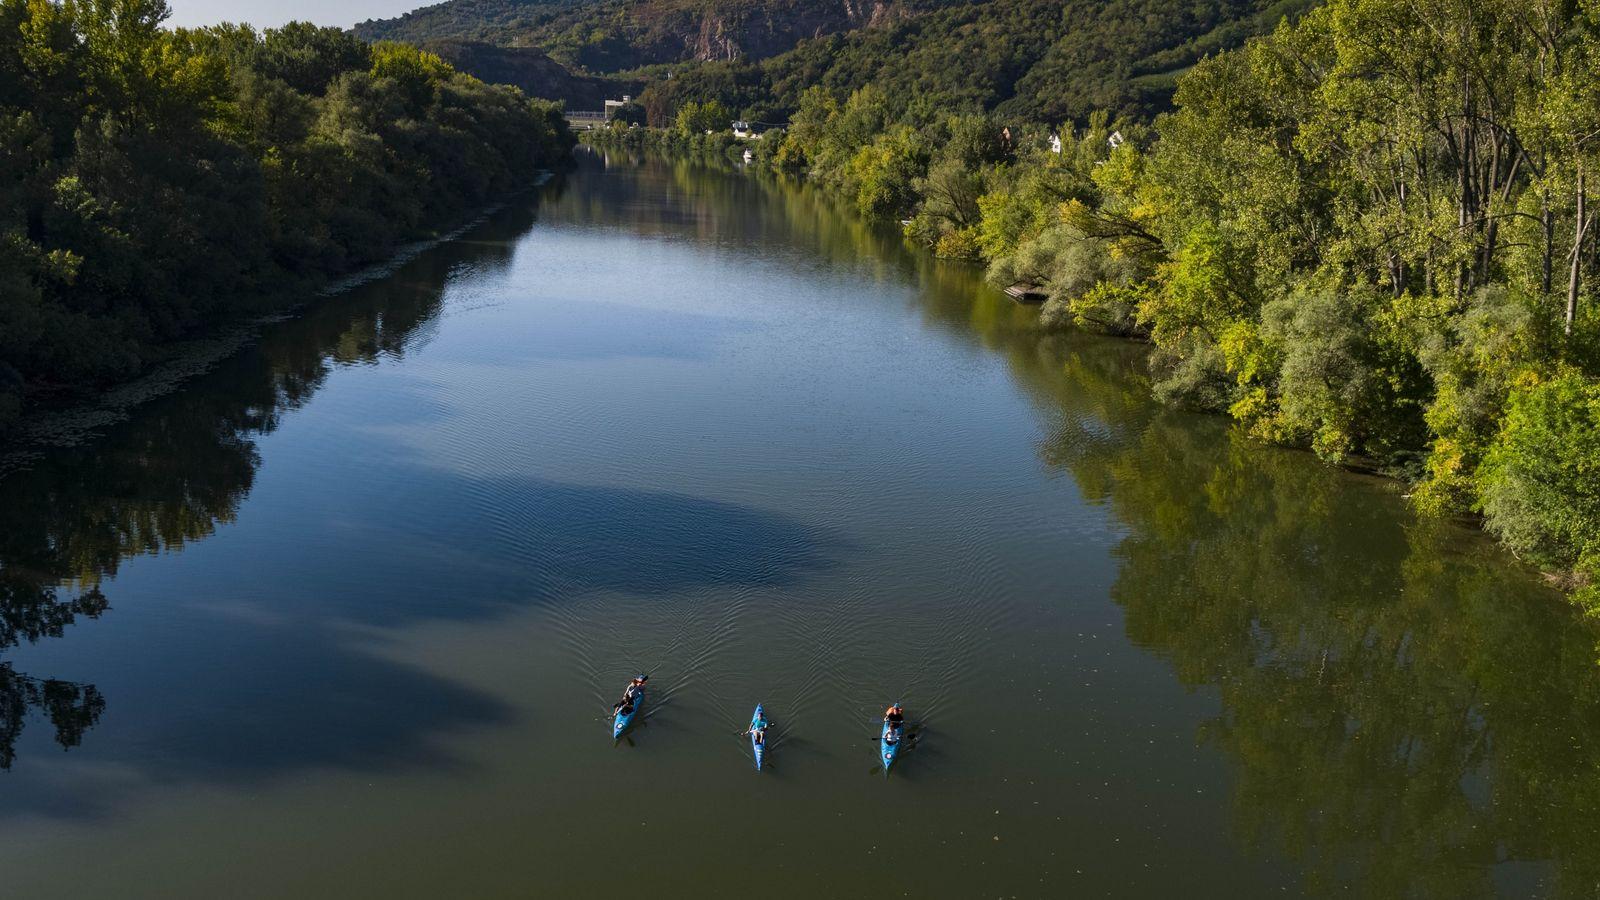 Kajakfahrer lassen sich auf dem Fluss Bodrog in der Tokaj-Region treiben. Das Gebiet wird von natürlichen ...